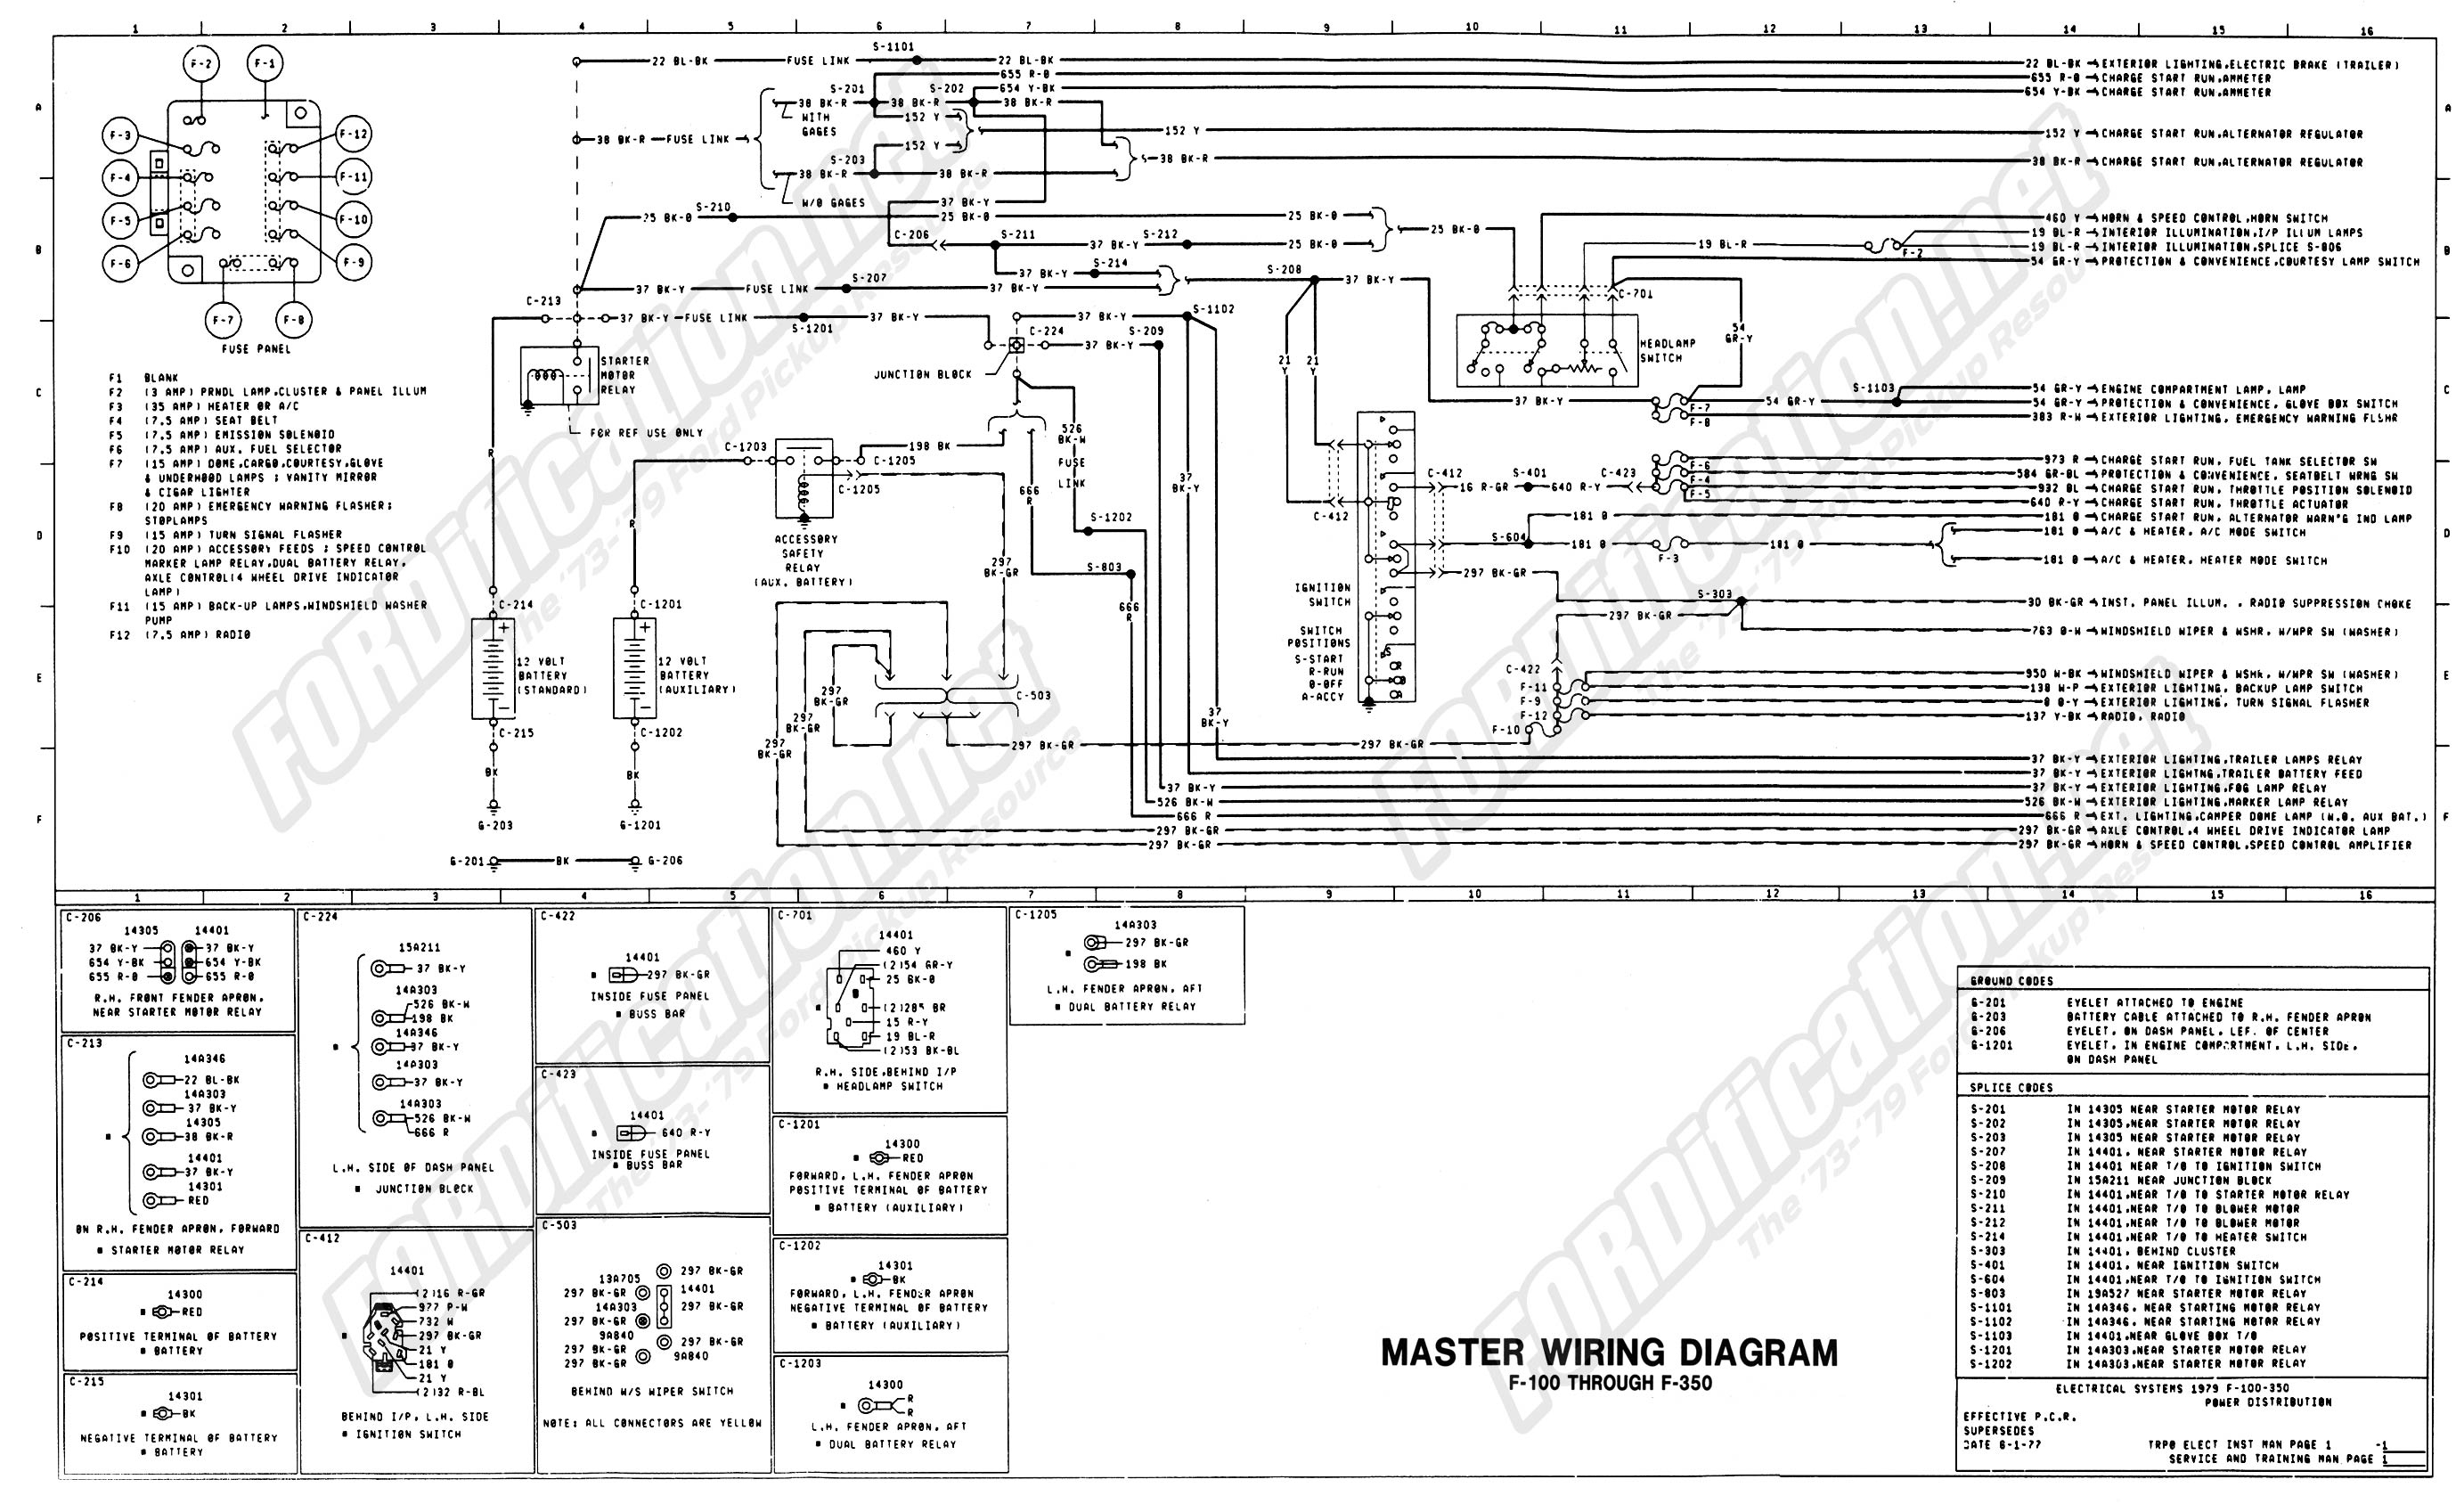 motorcraft distributor wiring diagram